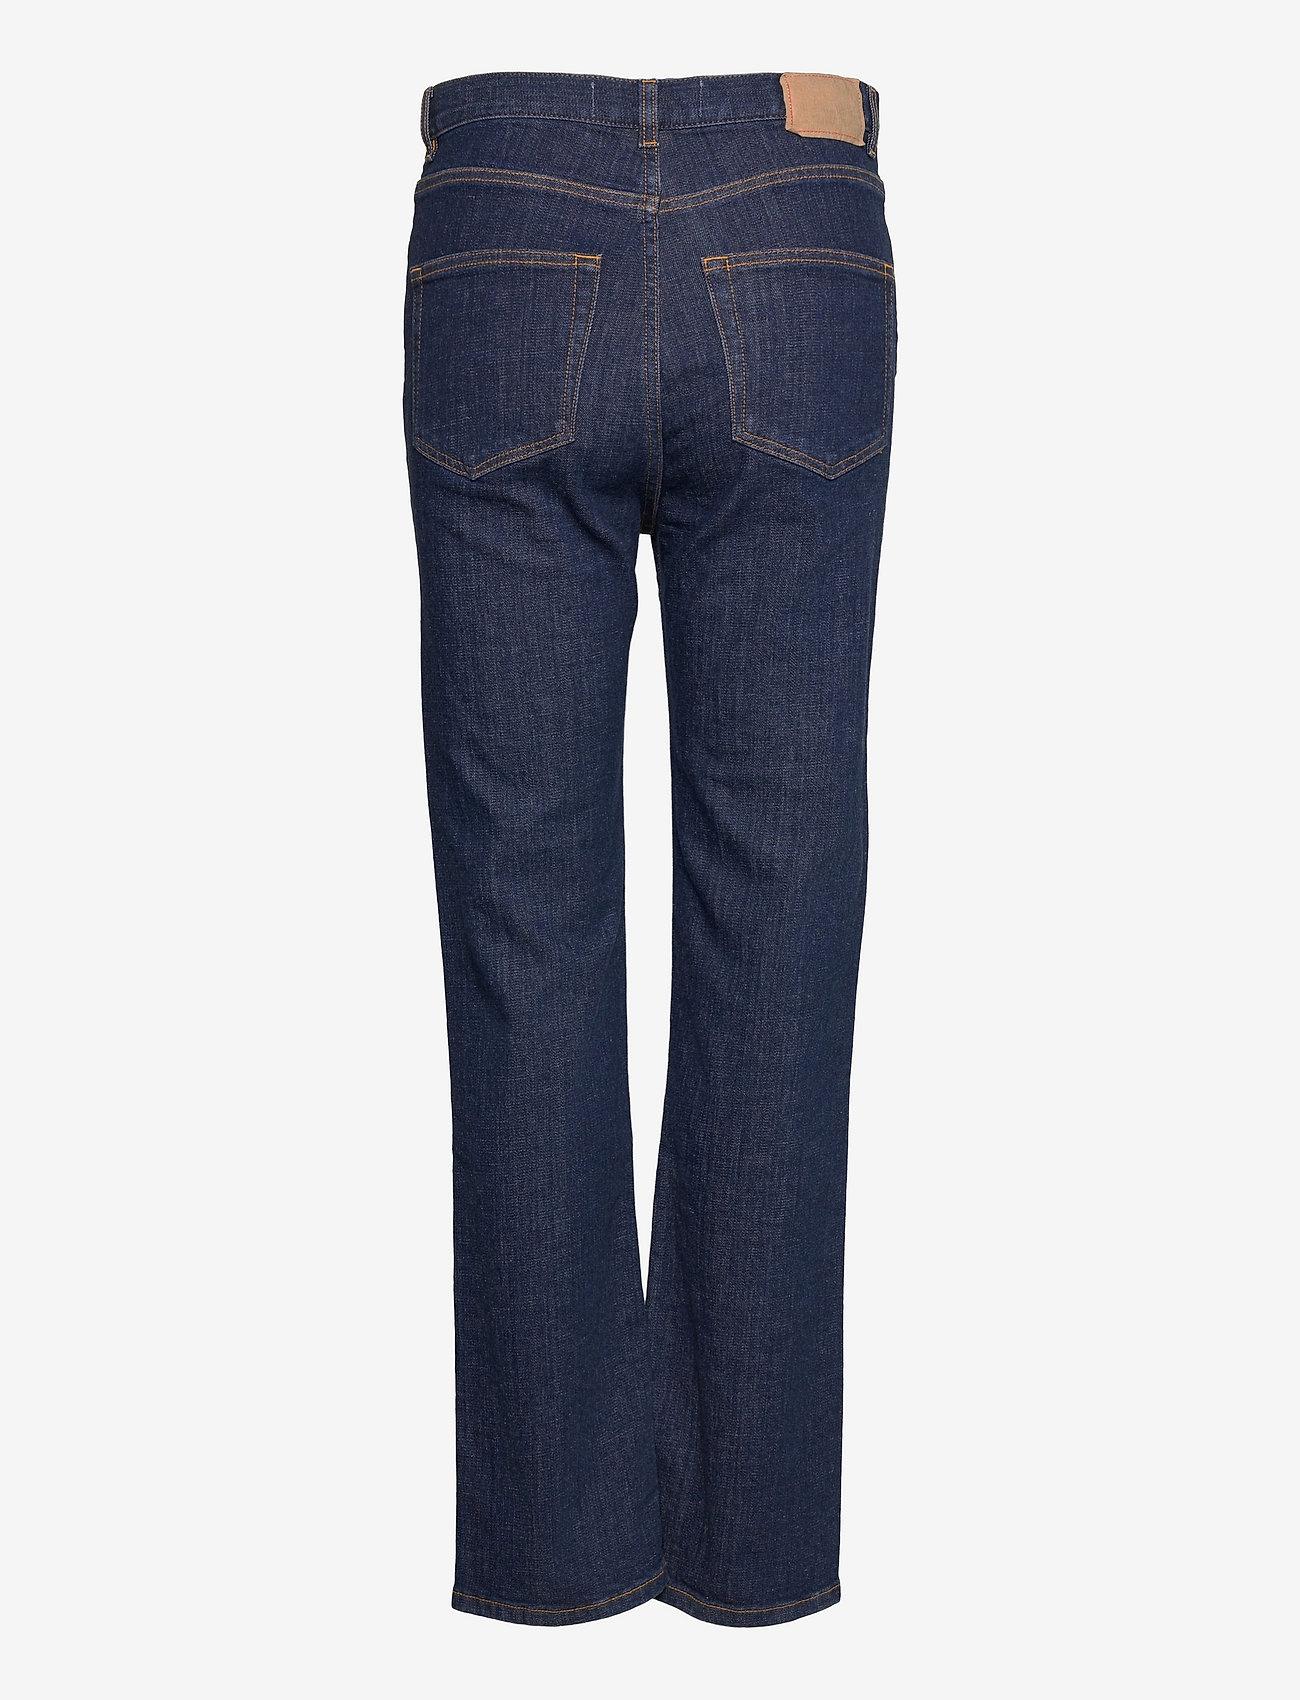 Jeanerica - EW004 - boot cut jeans - blue 2 weeks - 1